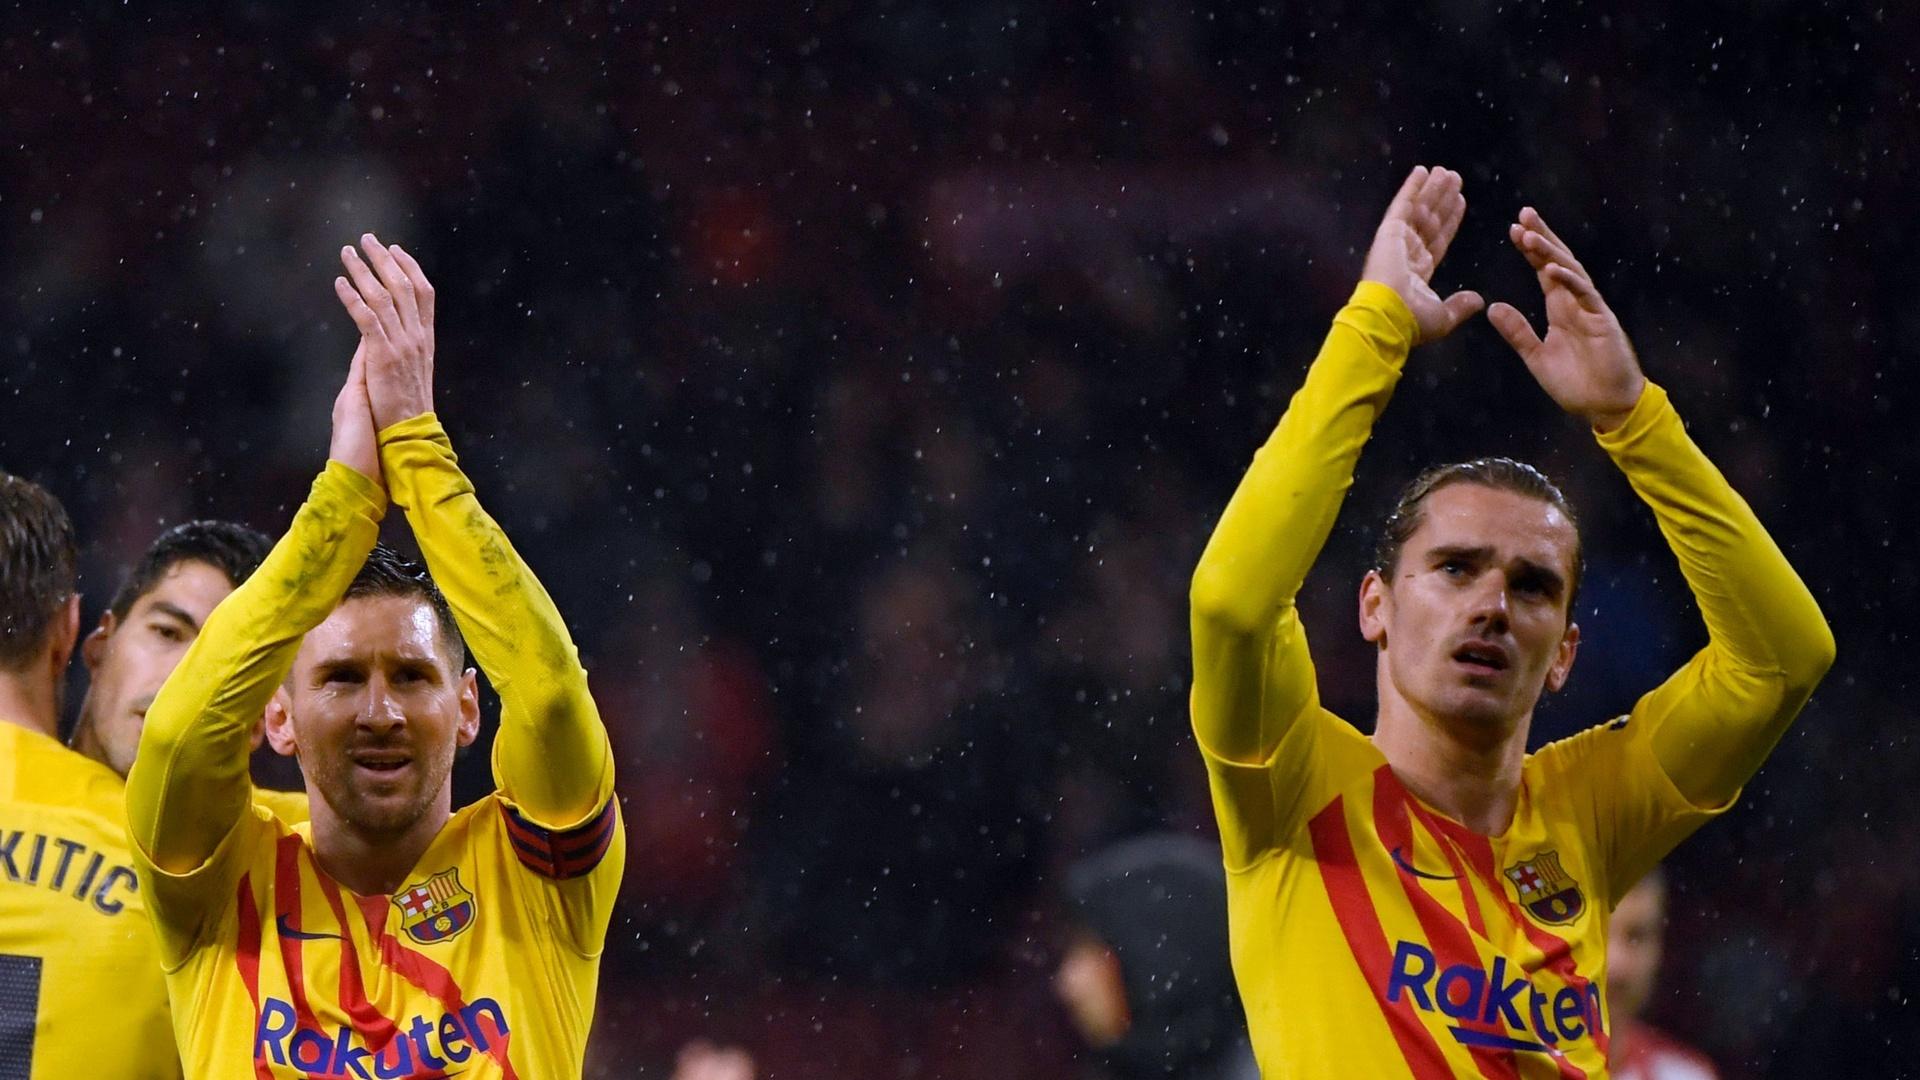 بالفيديو.. استقبال محبط  من جماهير أتلتيكو مدريد لنجم من نجوم برشلونة